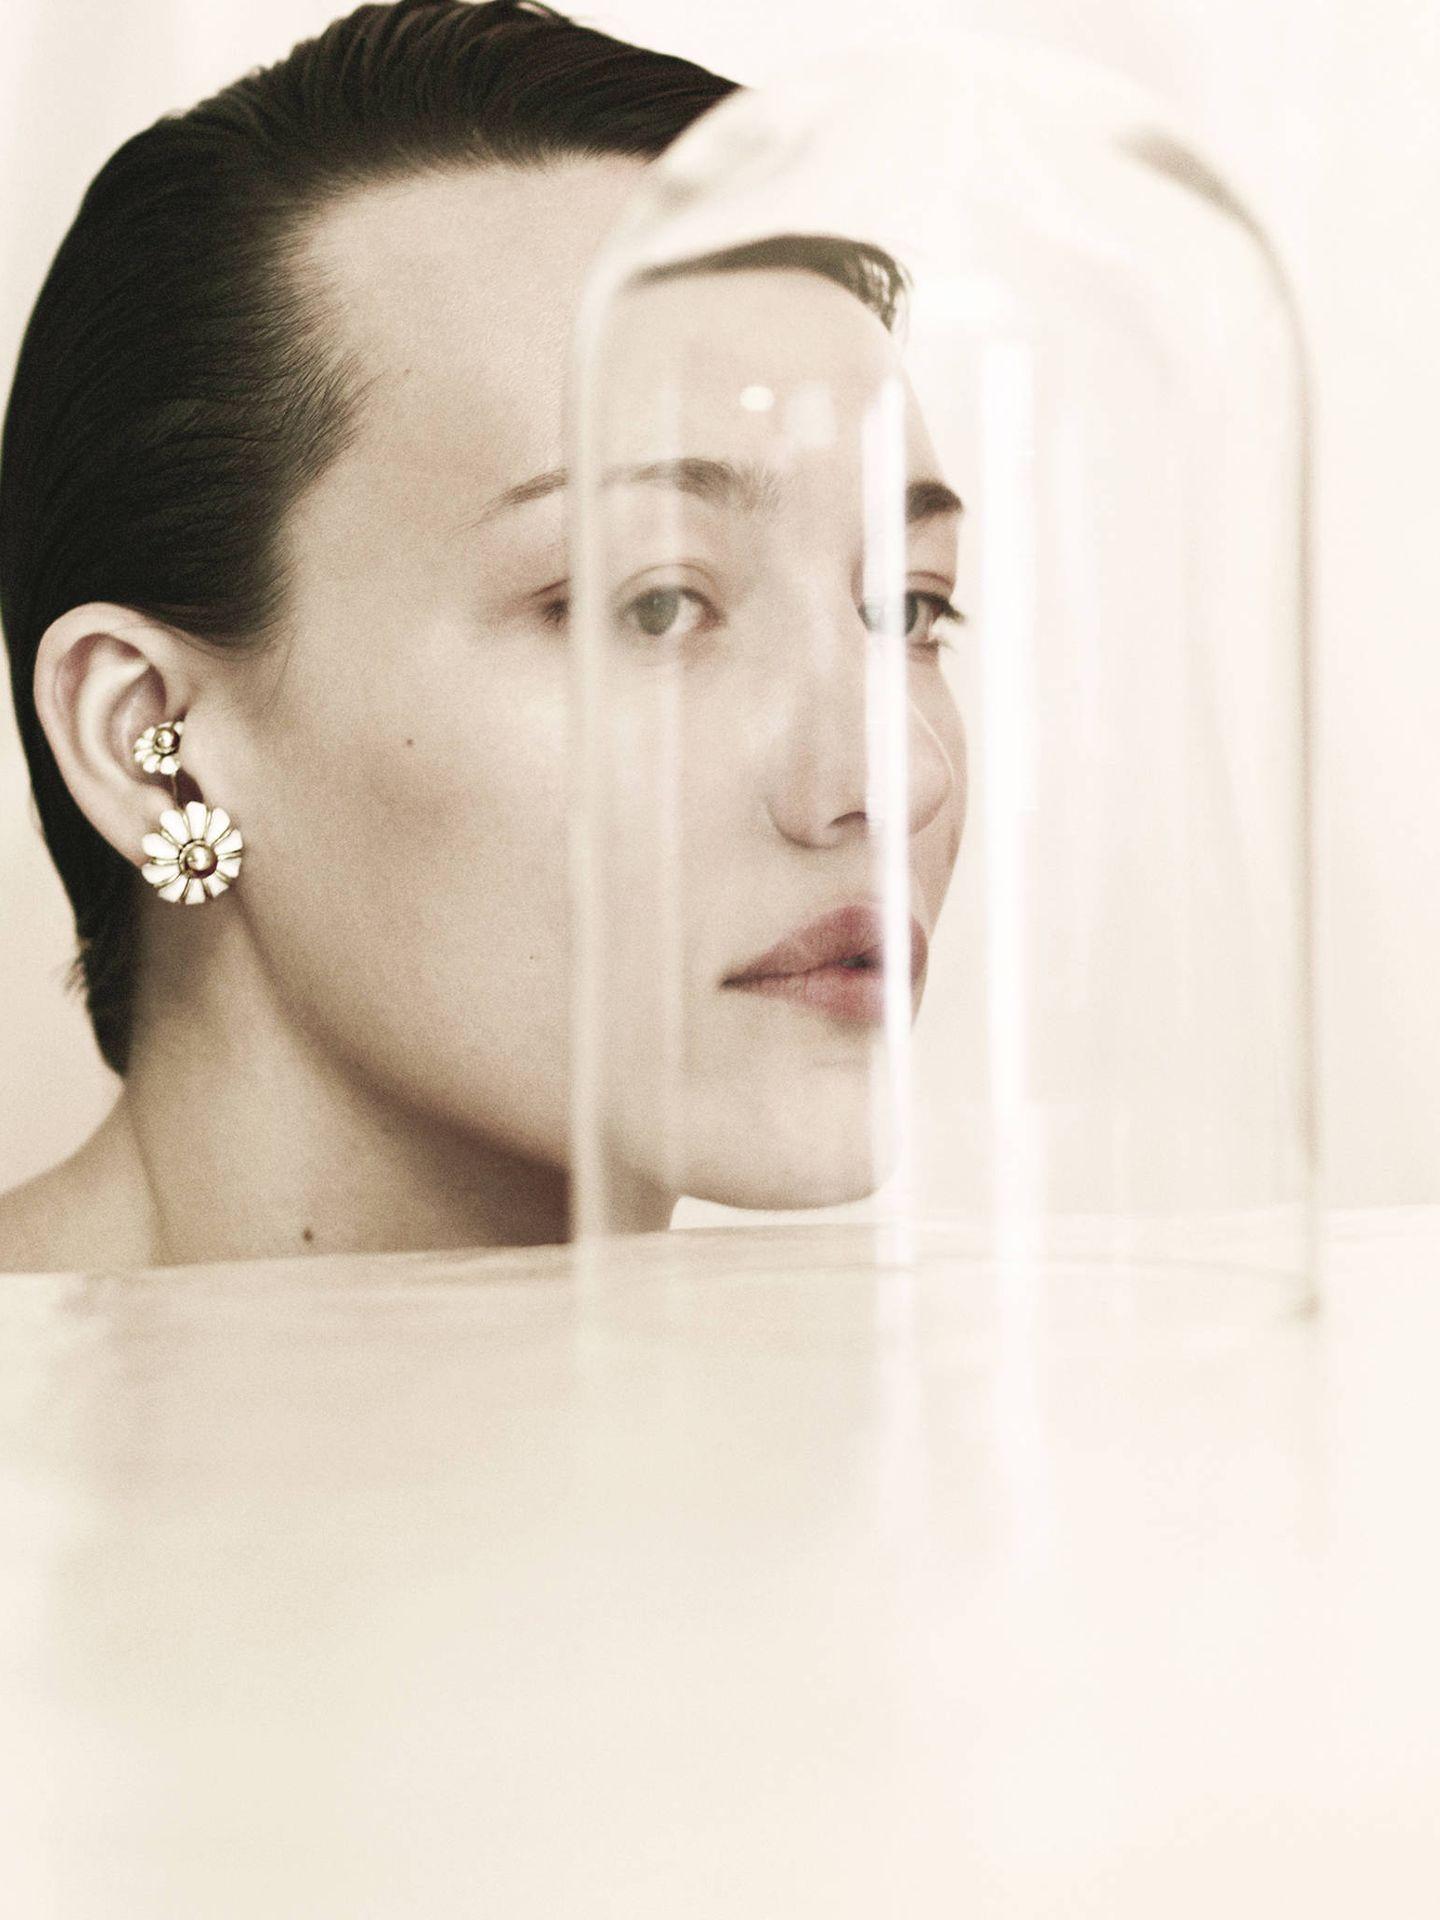 Beatriz Palacios ofrece joyas con toques dadaístas. Piezas, por cierto, imprescindibles. (Cortesía)